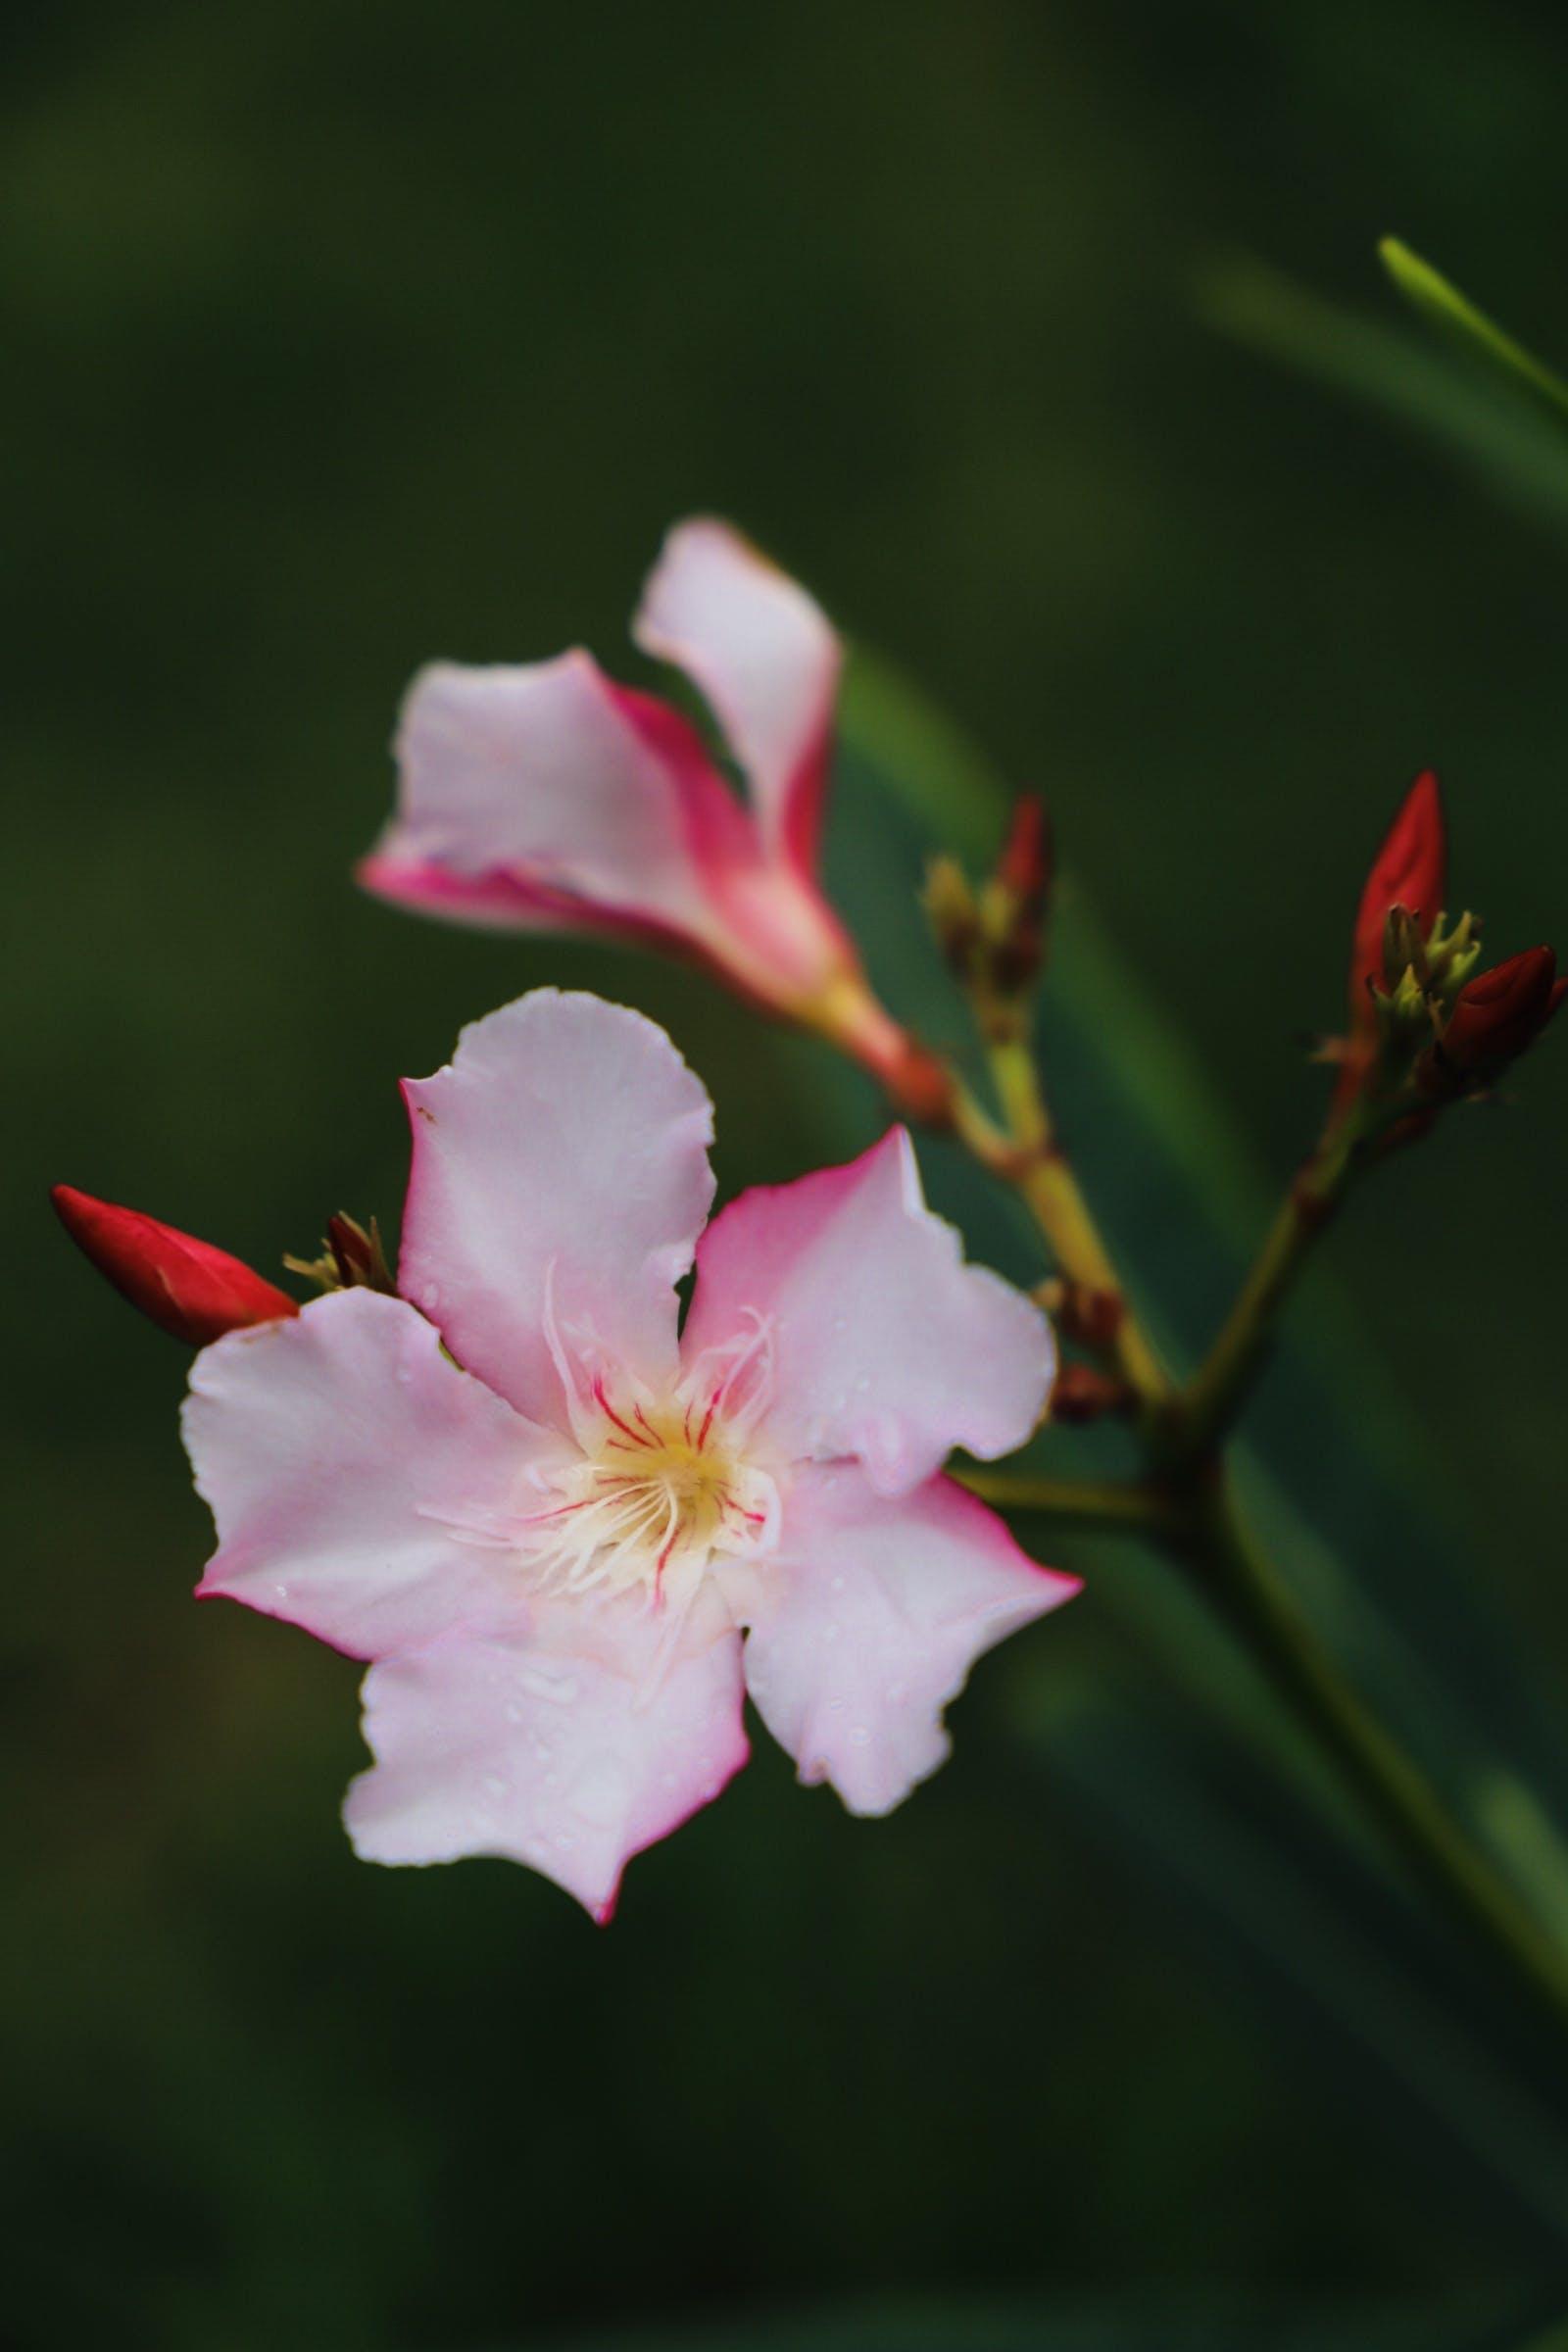 Δωρεάν στοκ φωτογραφιών με ροζ λουλούδια